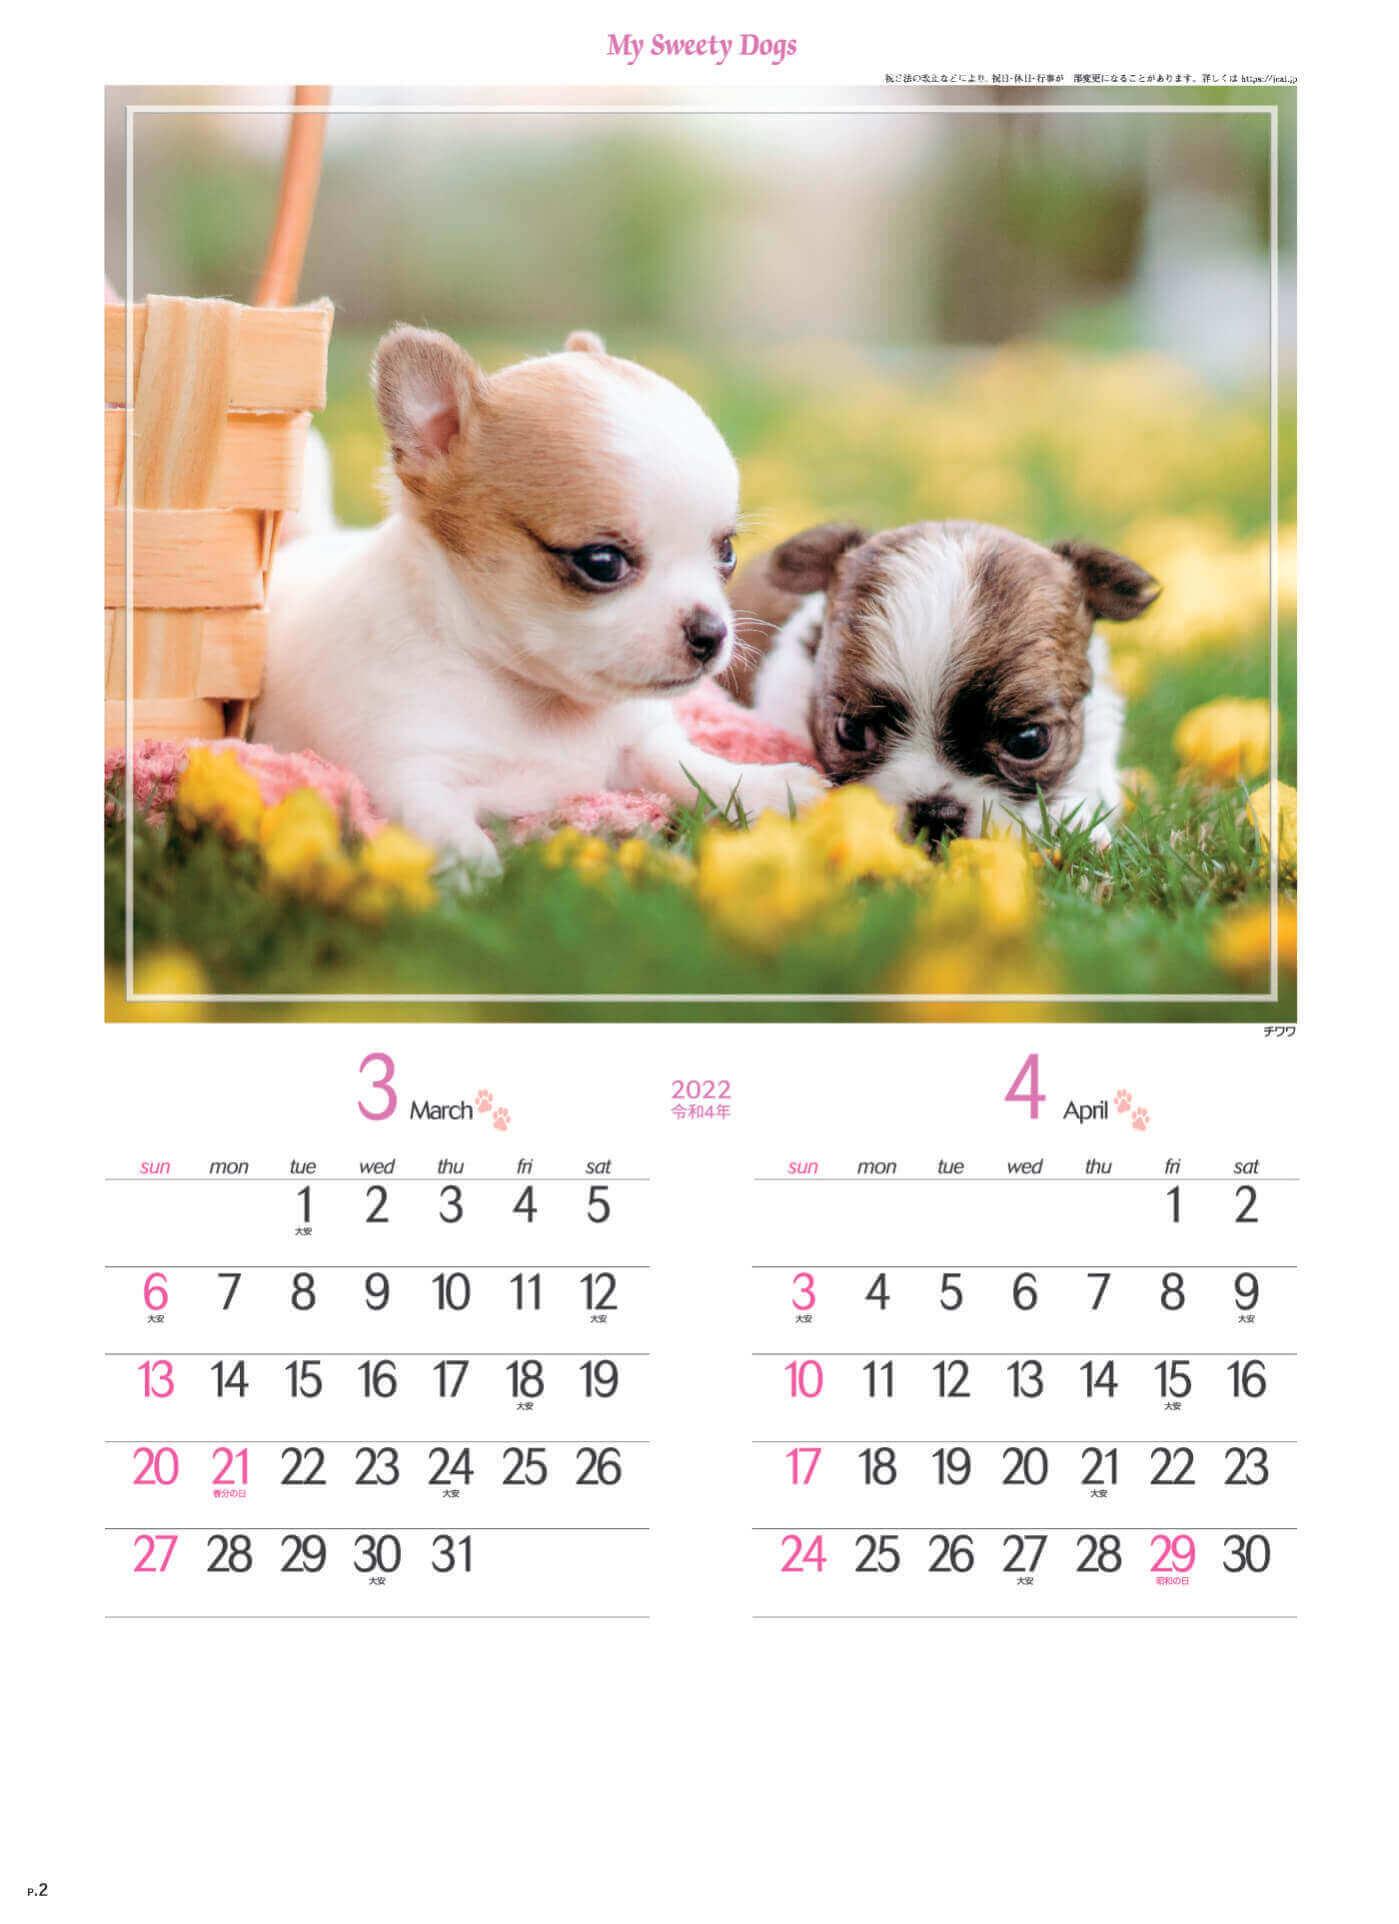 3-4月 チワワ マイスウィーティードッグ 2022年カレンダーの画像